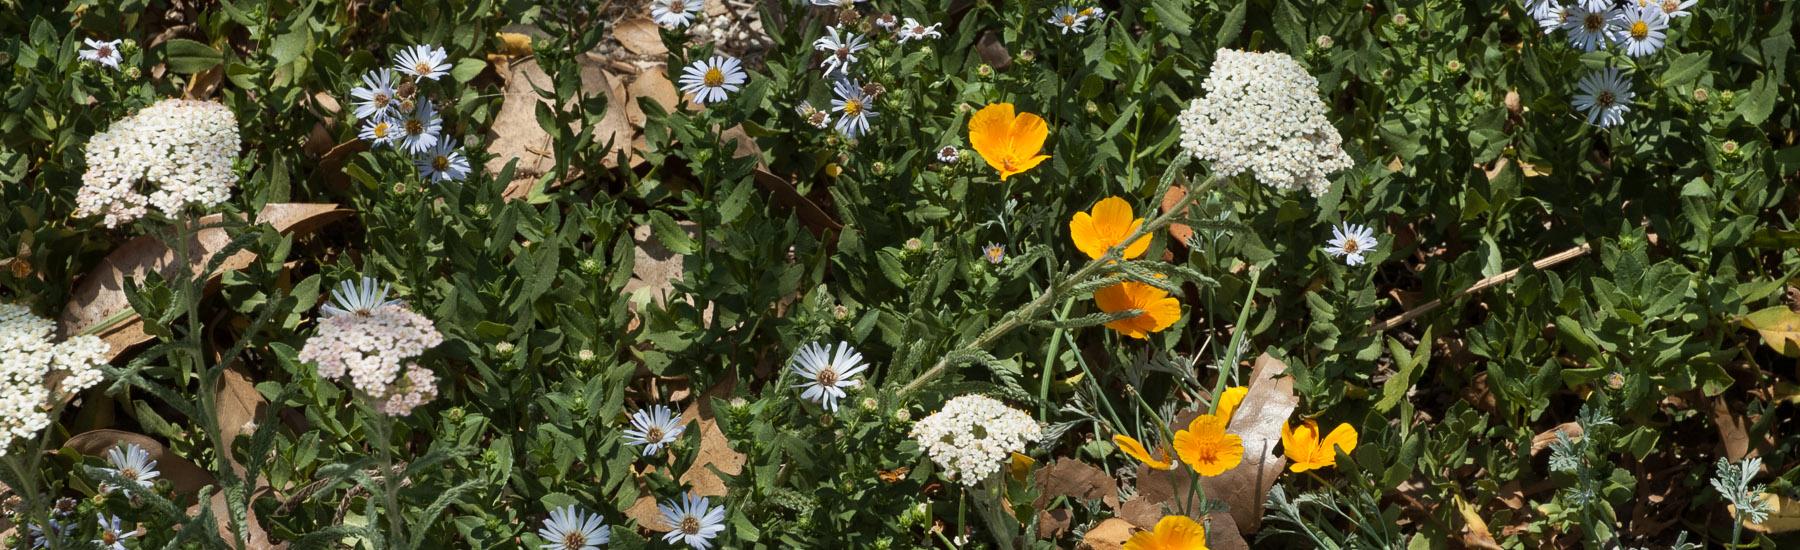 Achillea millefolium, Aster chilensis 'Point St. George', Eschsc